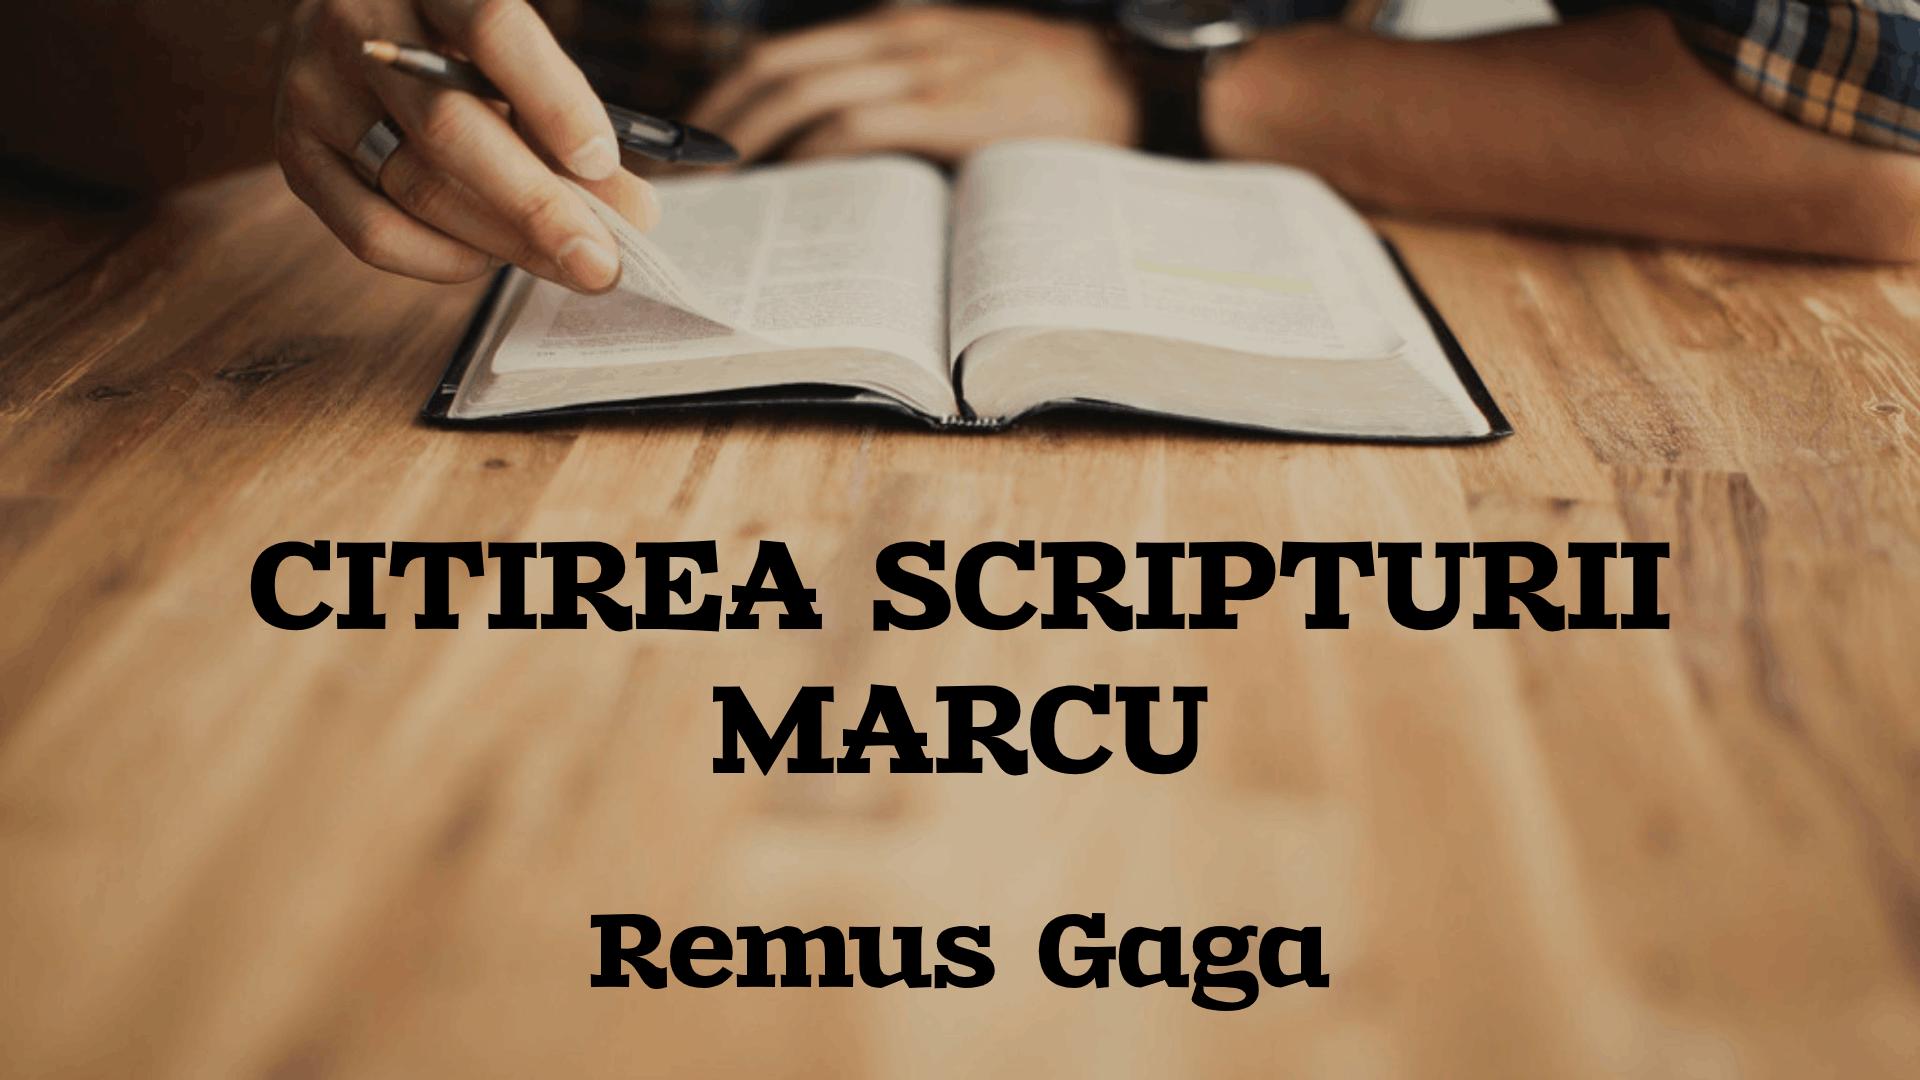 Citirea Scripturii - Marcu - Remus Gaga